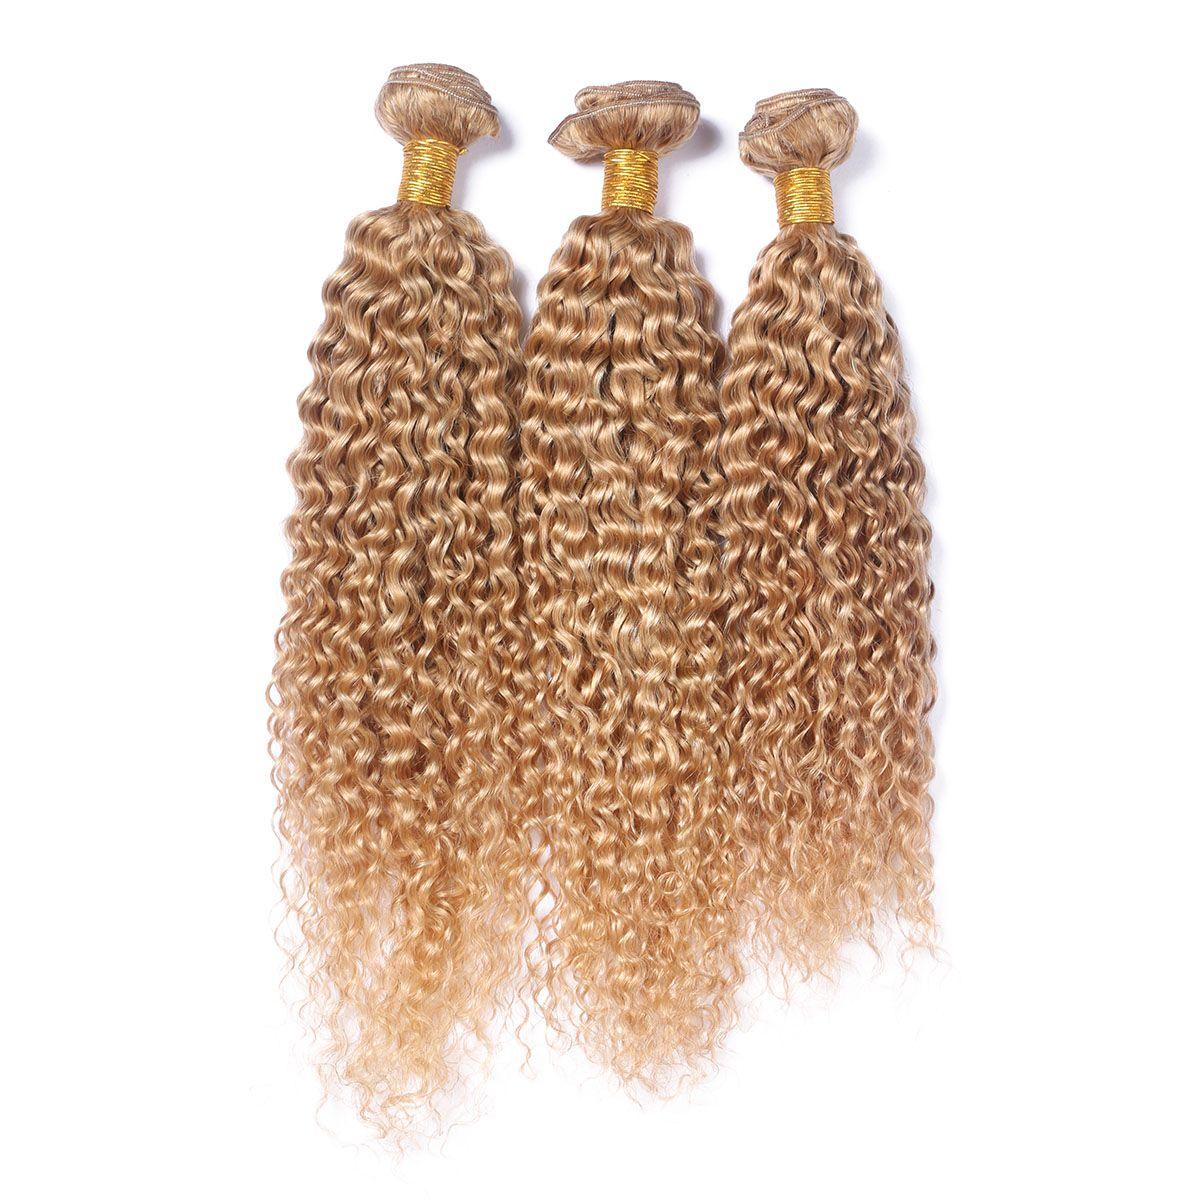 العسل شقراء البرازيلي غريب مجعد الشعر البشري ينسج مع الدانتيل أمامي إغلاق # 27 الفراولة شقراء 13x4 كامل الرباط أمامي مع 3 حزم